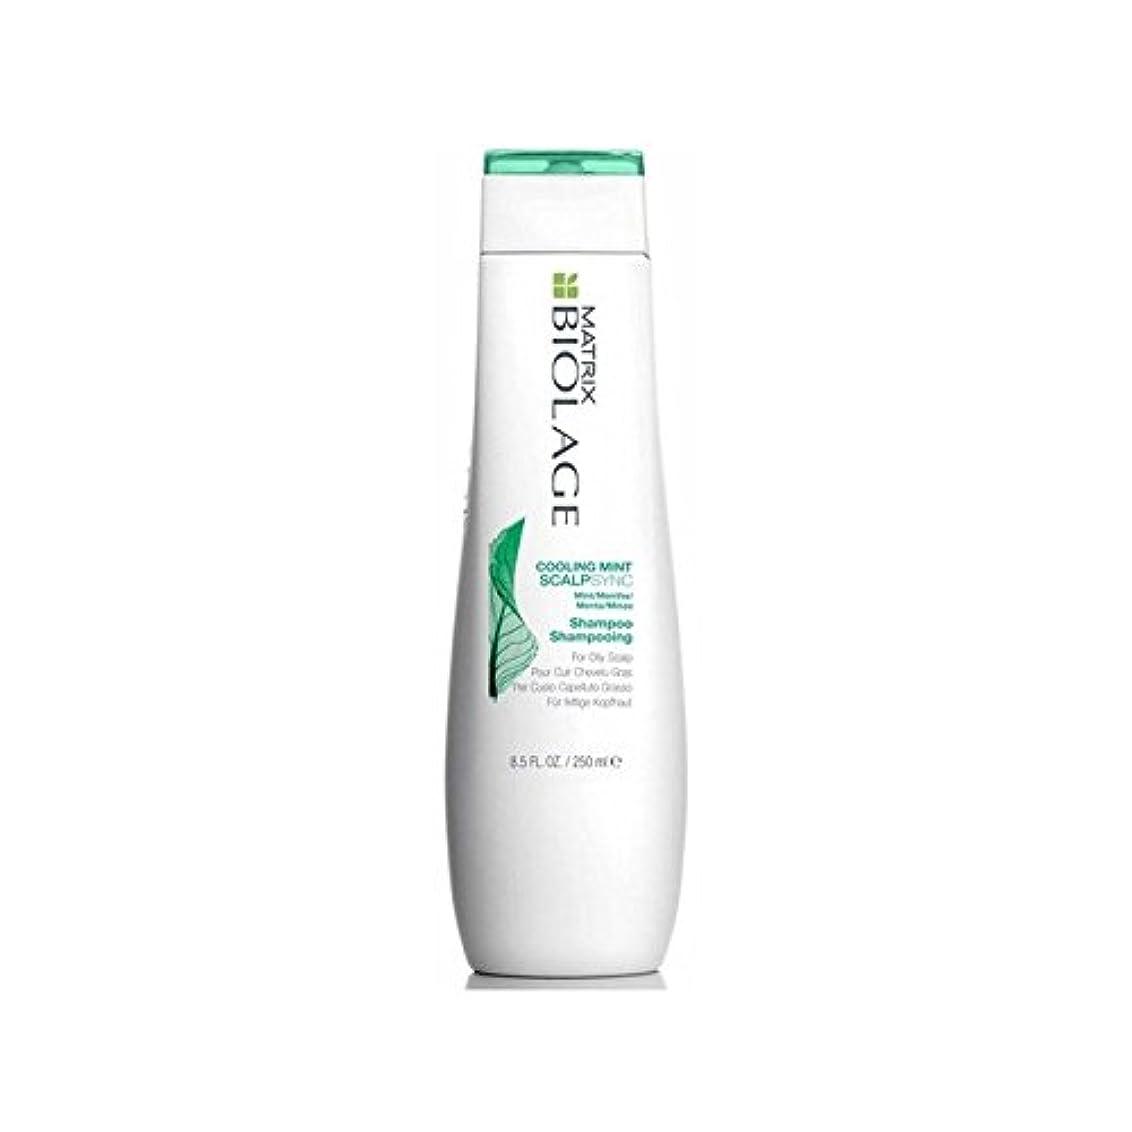 大通り謝るからミントシャンプー(250ミリリットル)を冷却マトリックスバイオレイジの頭皮 x4 - Matrix Biolage Scalptherapie Scalp Cooling Mint Shampoo (250ml) (Pack of 4) [並行輸入品]